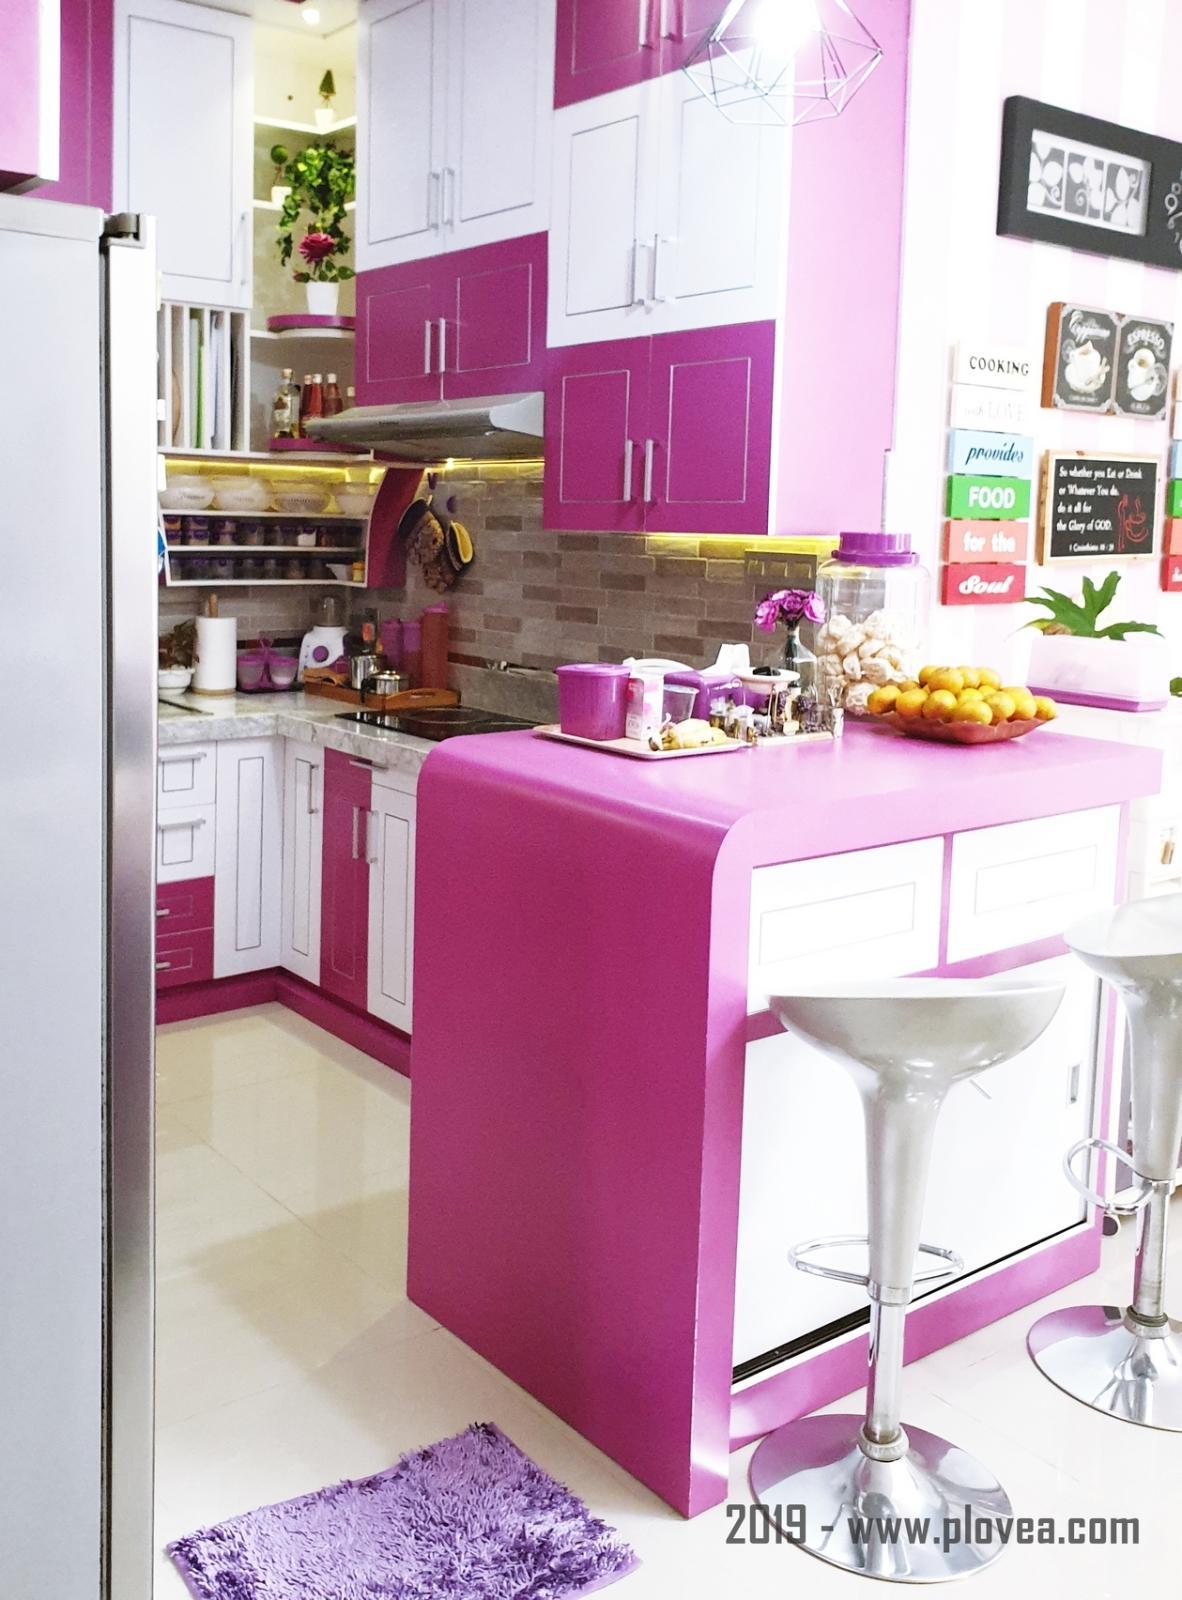 Kitchen Set When Samosir Meets Krones